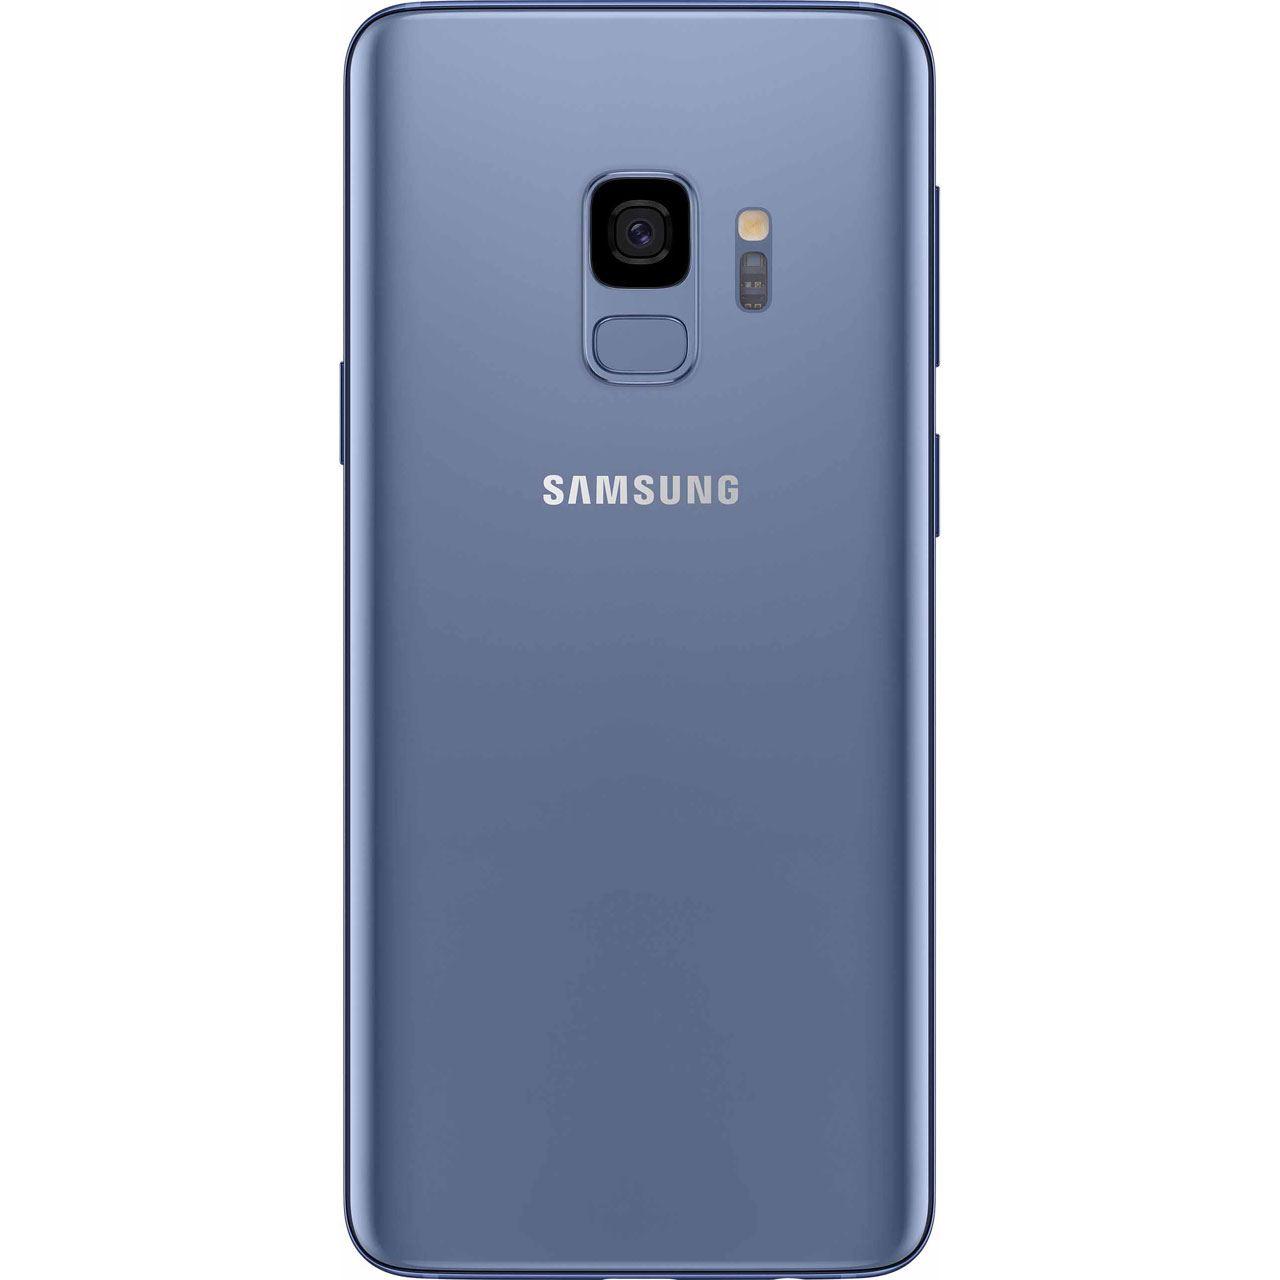 samsung g960f s9 duos blau smartphones ohne vertrag. Black Bedroom Furniture Sets. Home Design Ideas